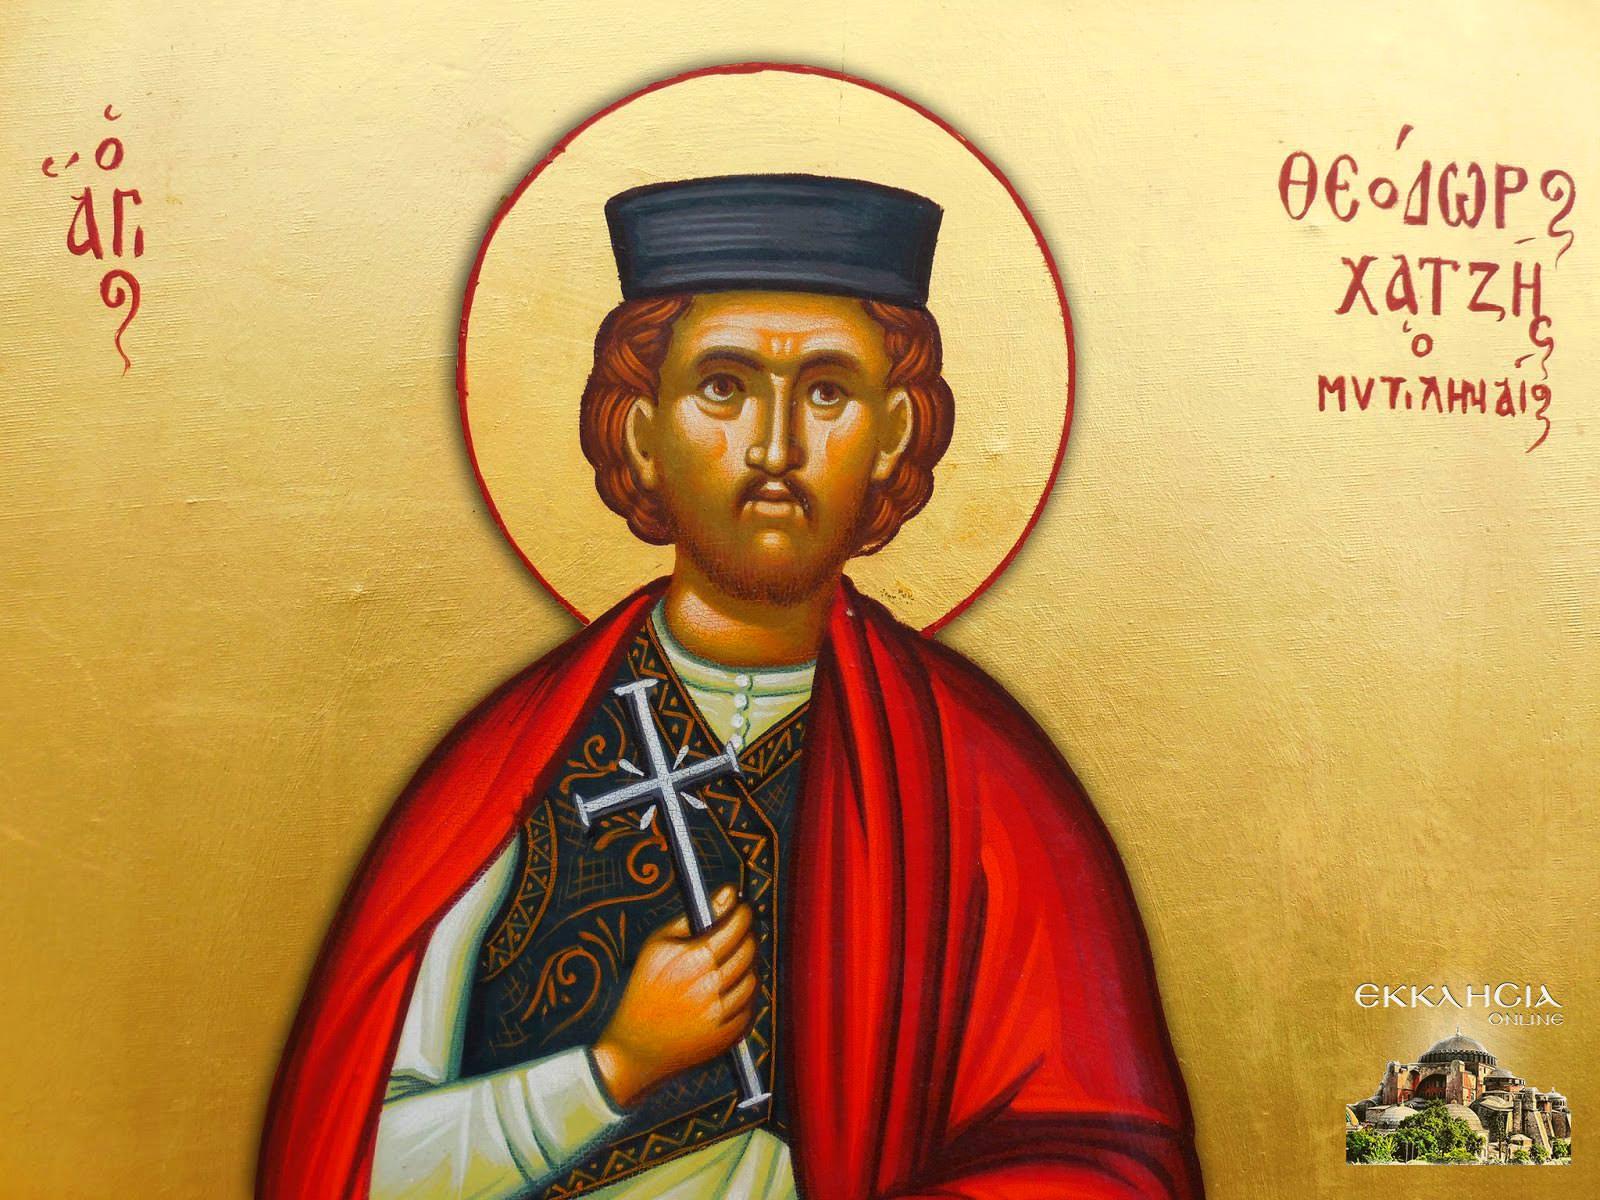 Άγιος Θεόδωρος Χατζής ο Νεομάρτυρας